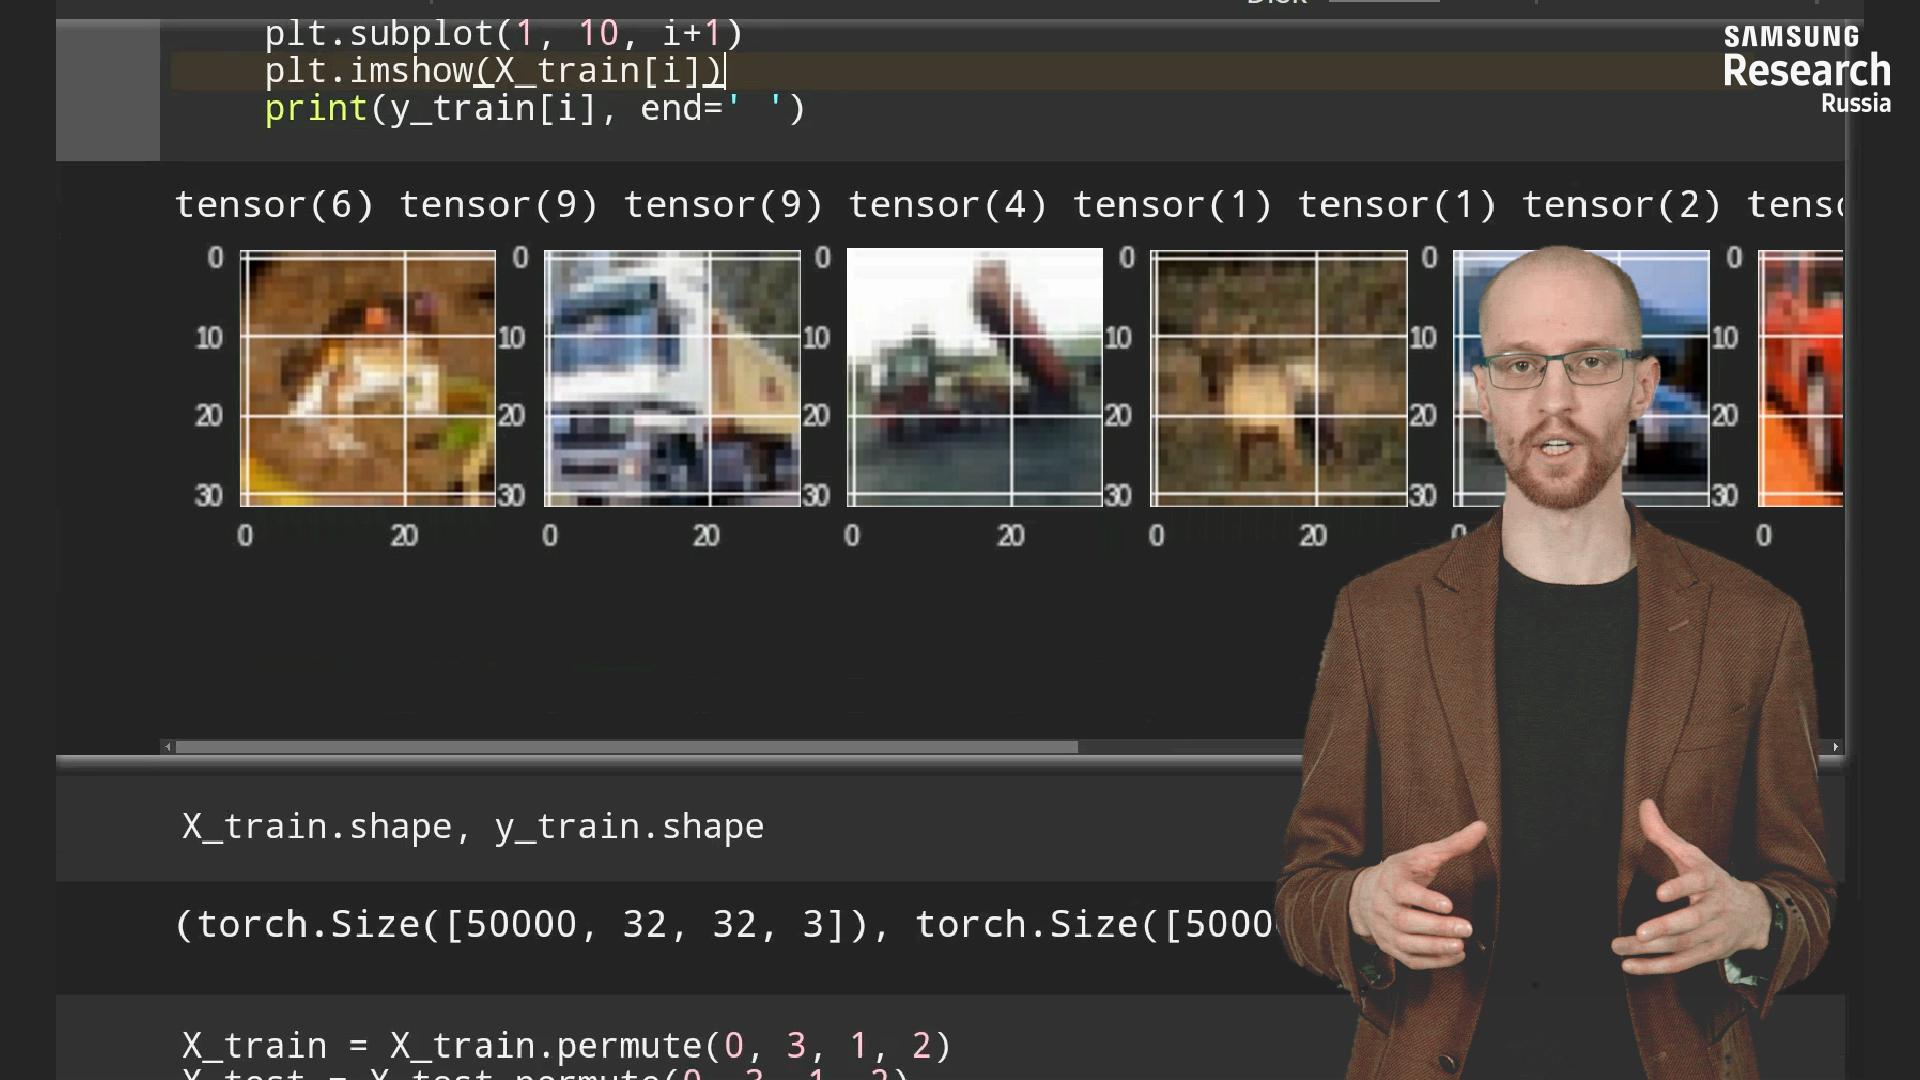 Samsung открывает бесплатный онлайн-курс по нейросетям в задачах компьютерного зрения - 1